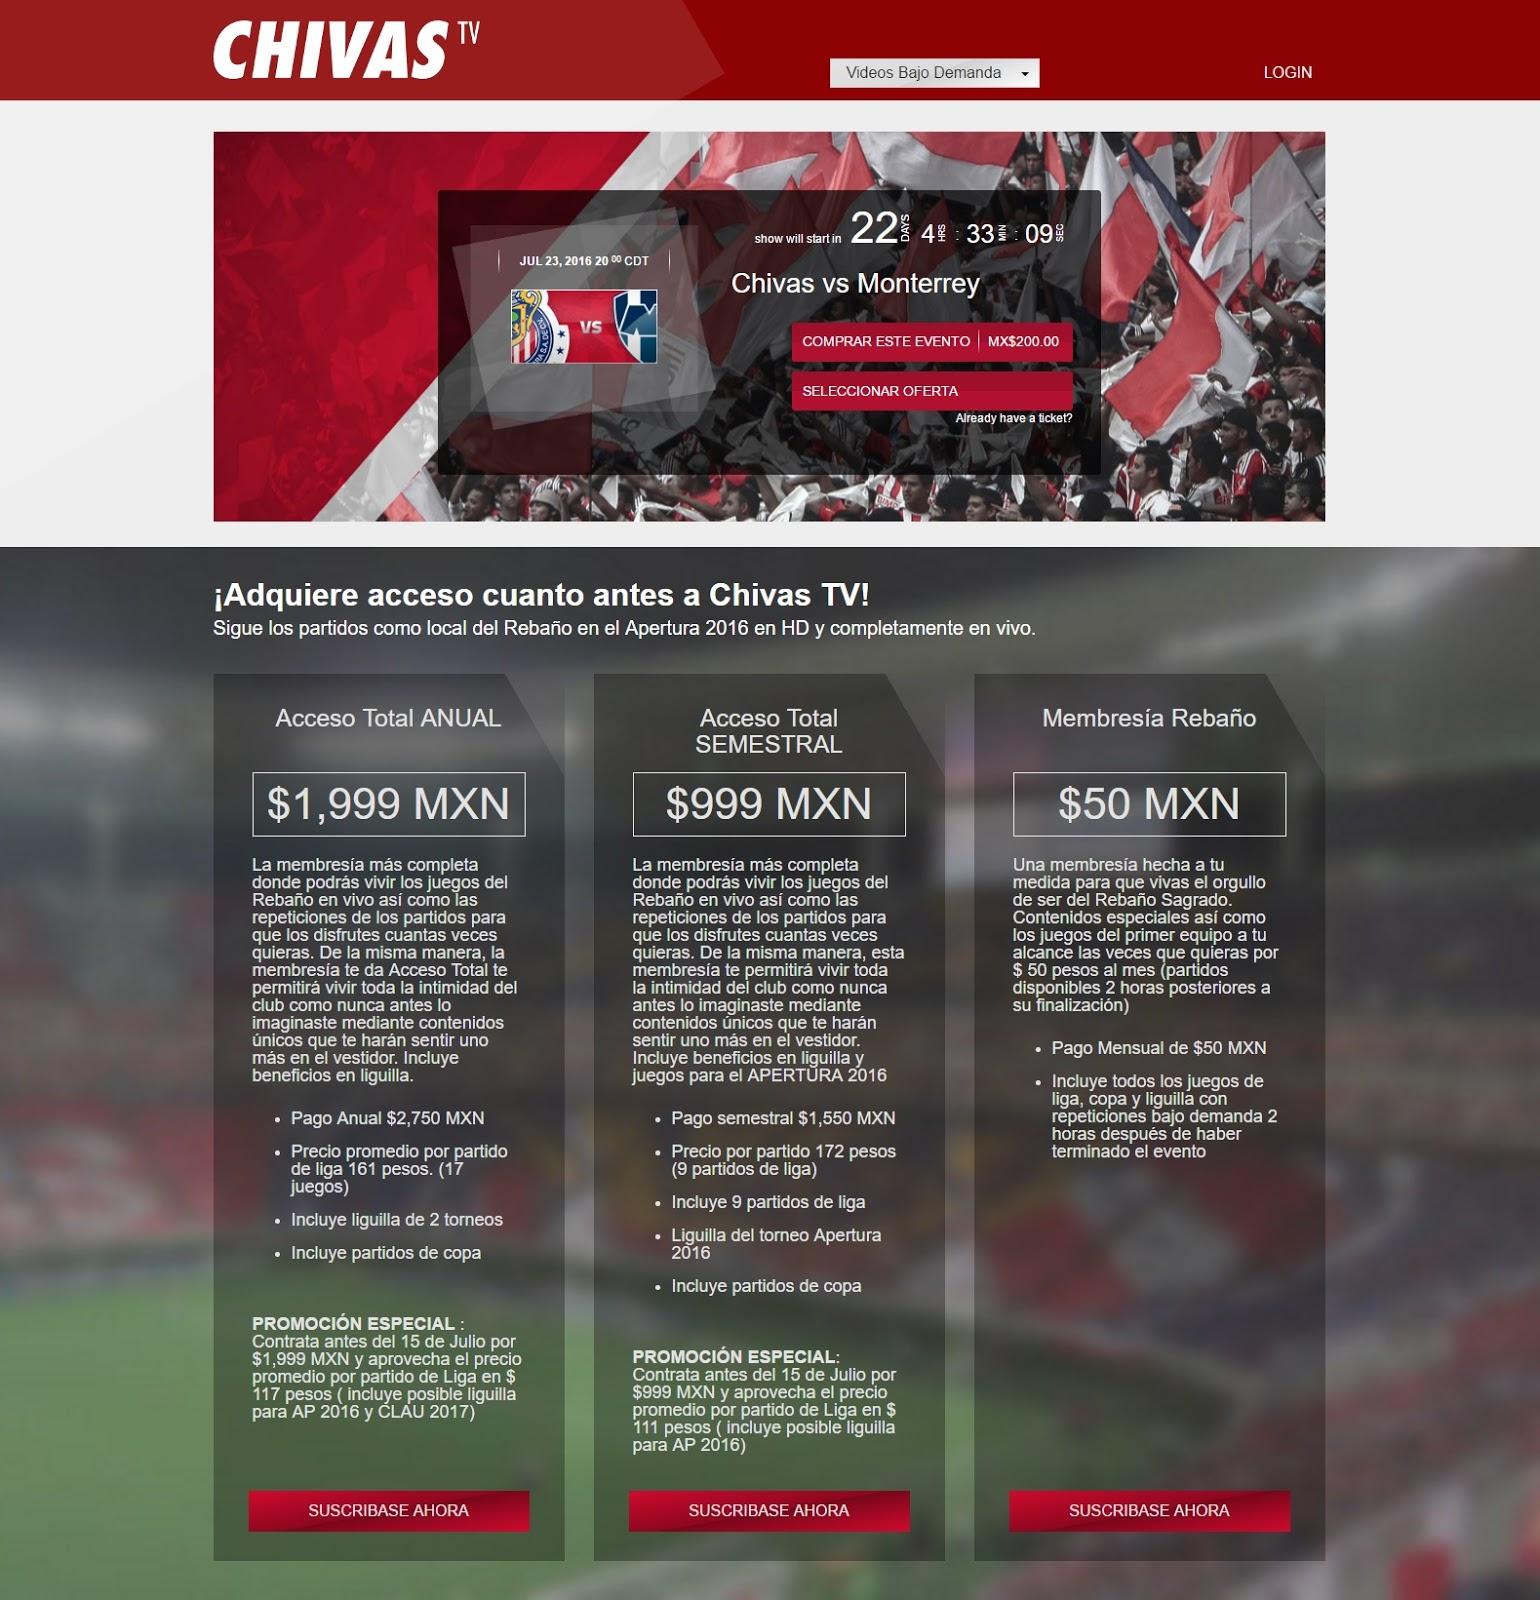 Del sitio de Chivas TV.